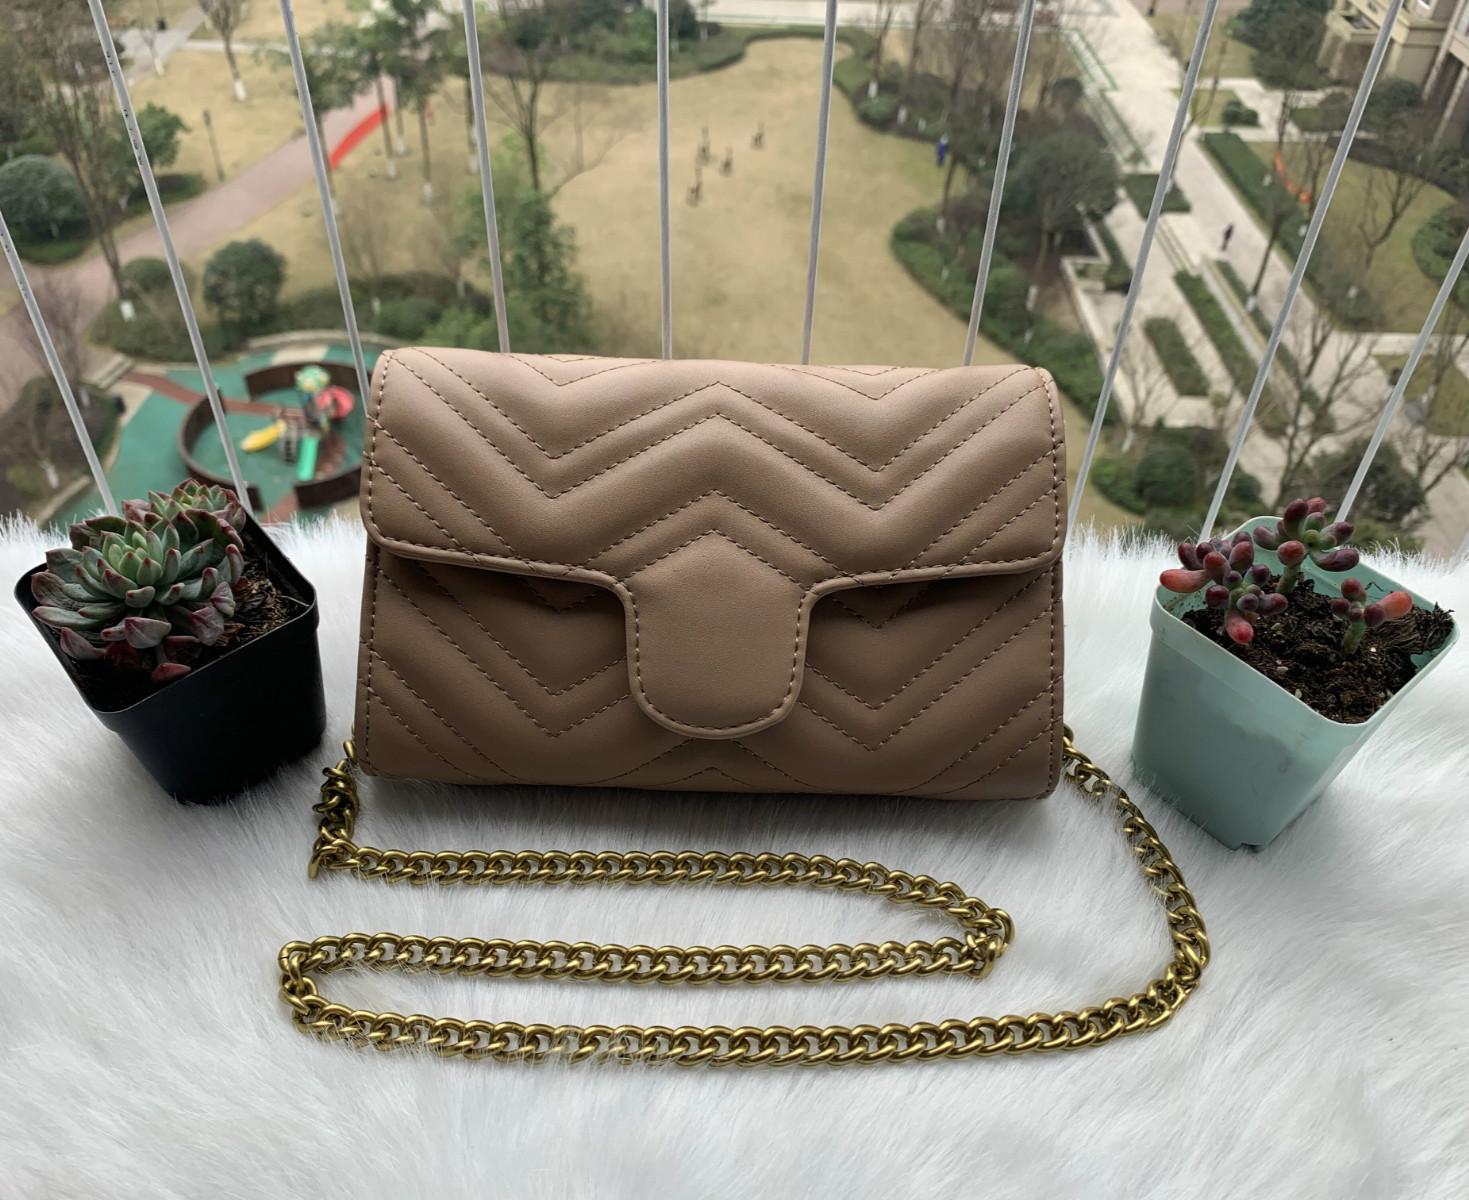 2020 Çanta girinti sıcak çiçek küçük kare paket eğlence vahşi zincir omuz çantası Bayan Çantası 2019 Yeni Avrupa Ve Amerika